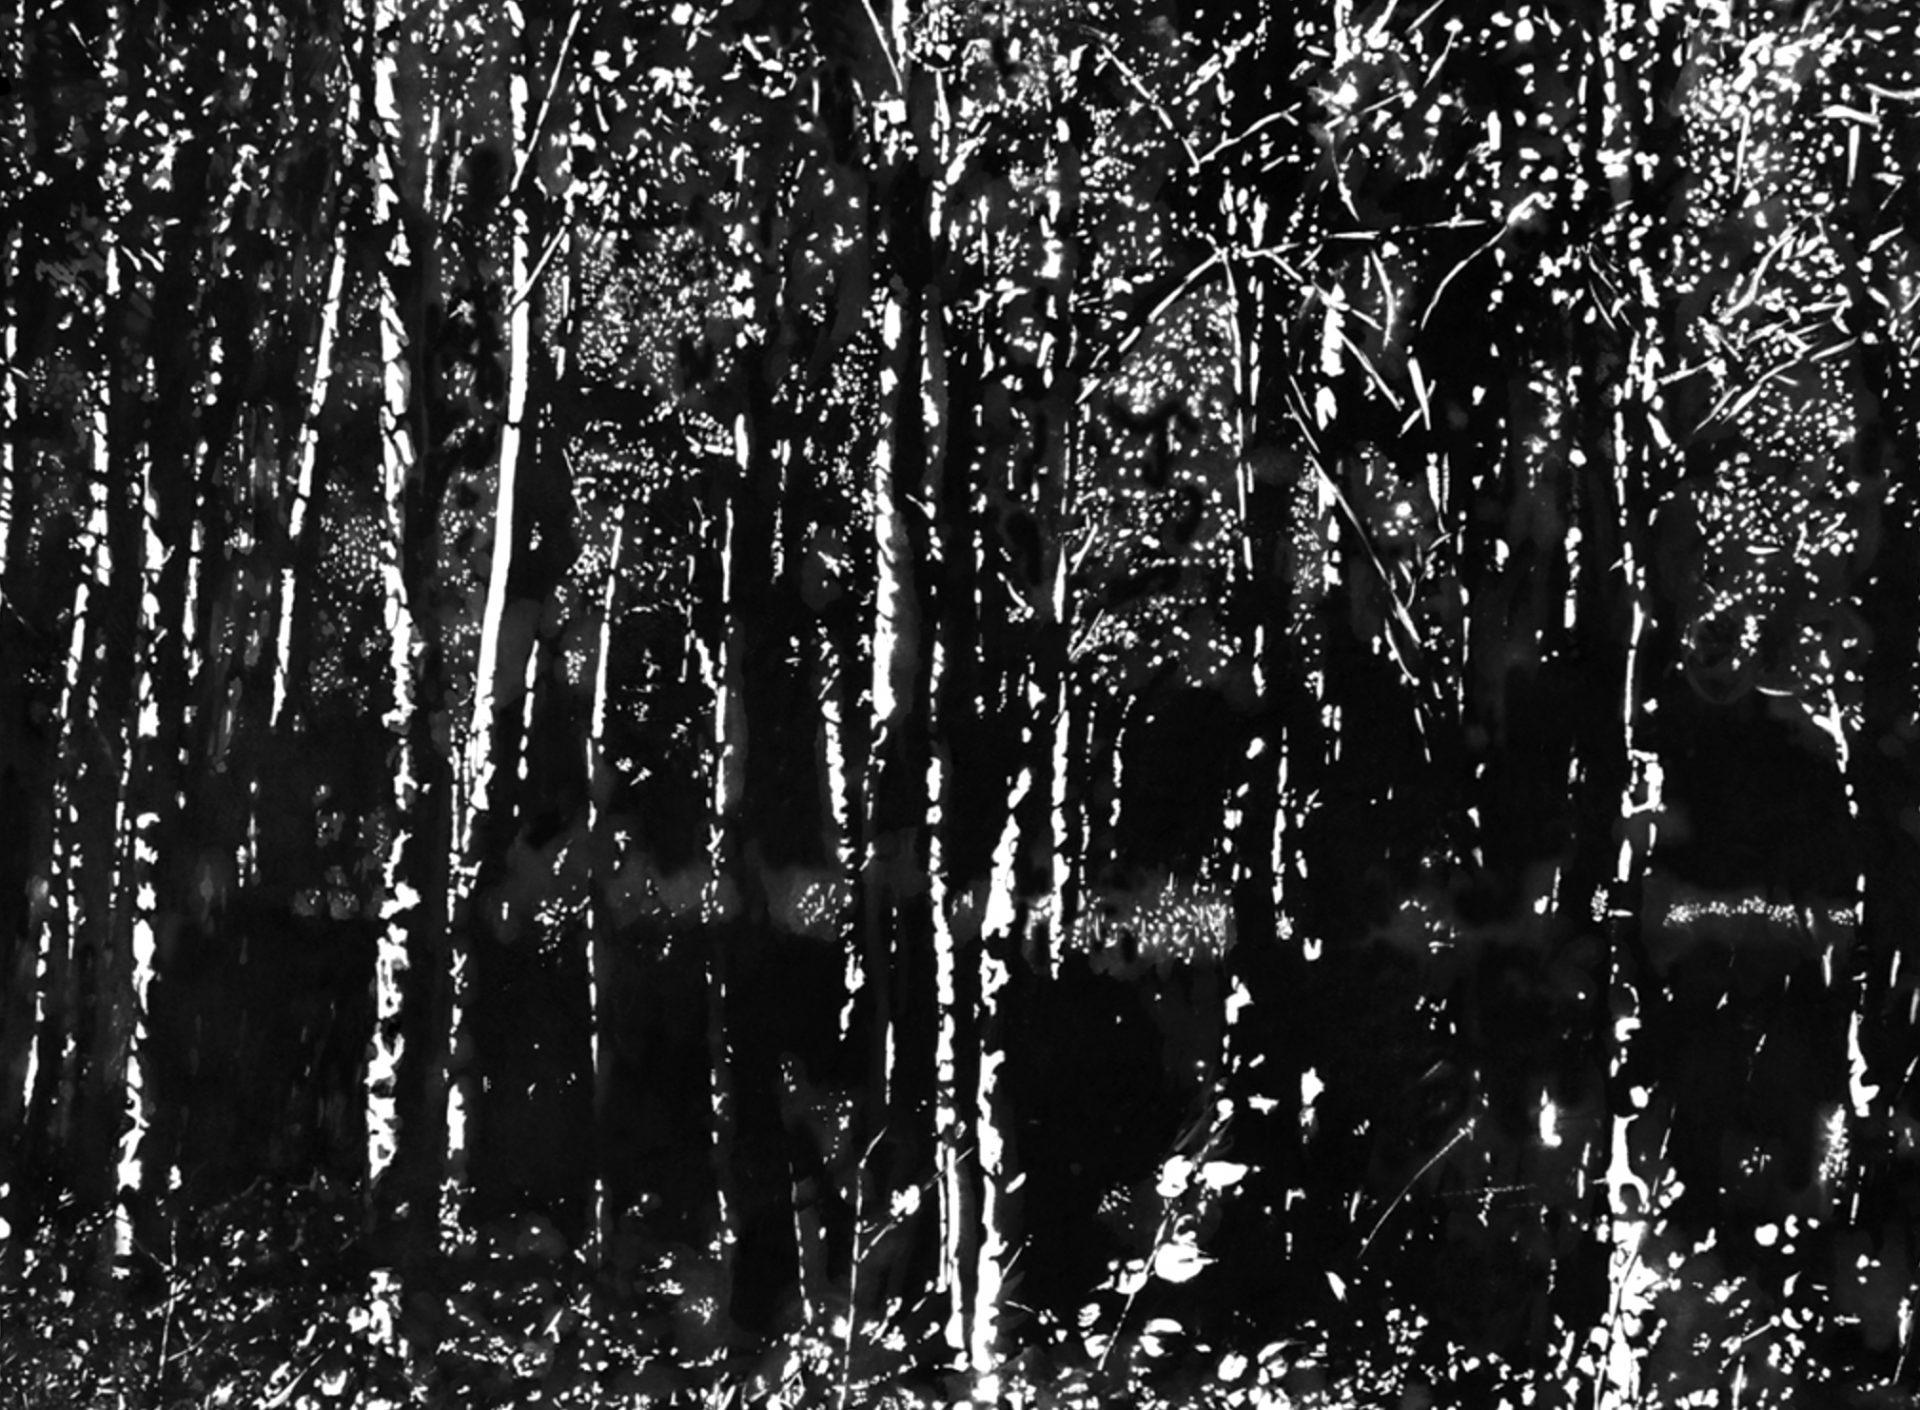 """"""" La Forêt des Ombres """" - Dessin à la Pierre Noire sur papier Canson avec rehauts de blanc - 1.00 X 0.75 - Prix sur demande -"""